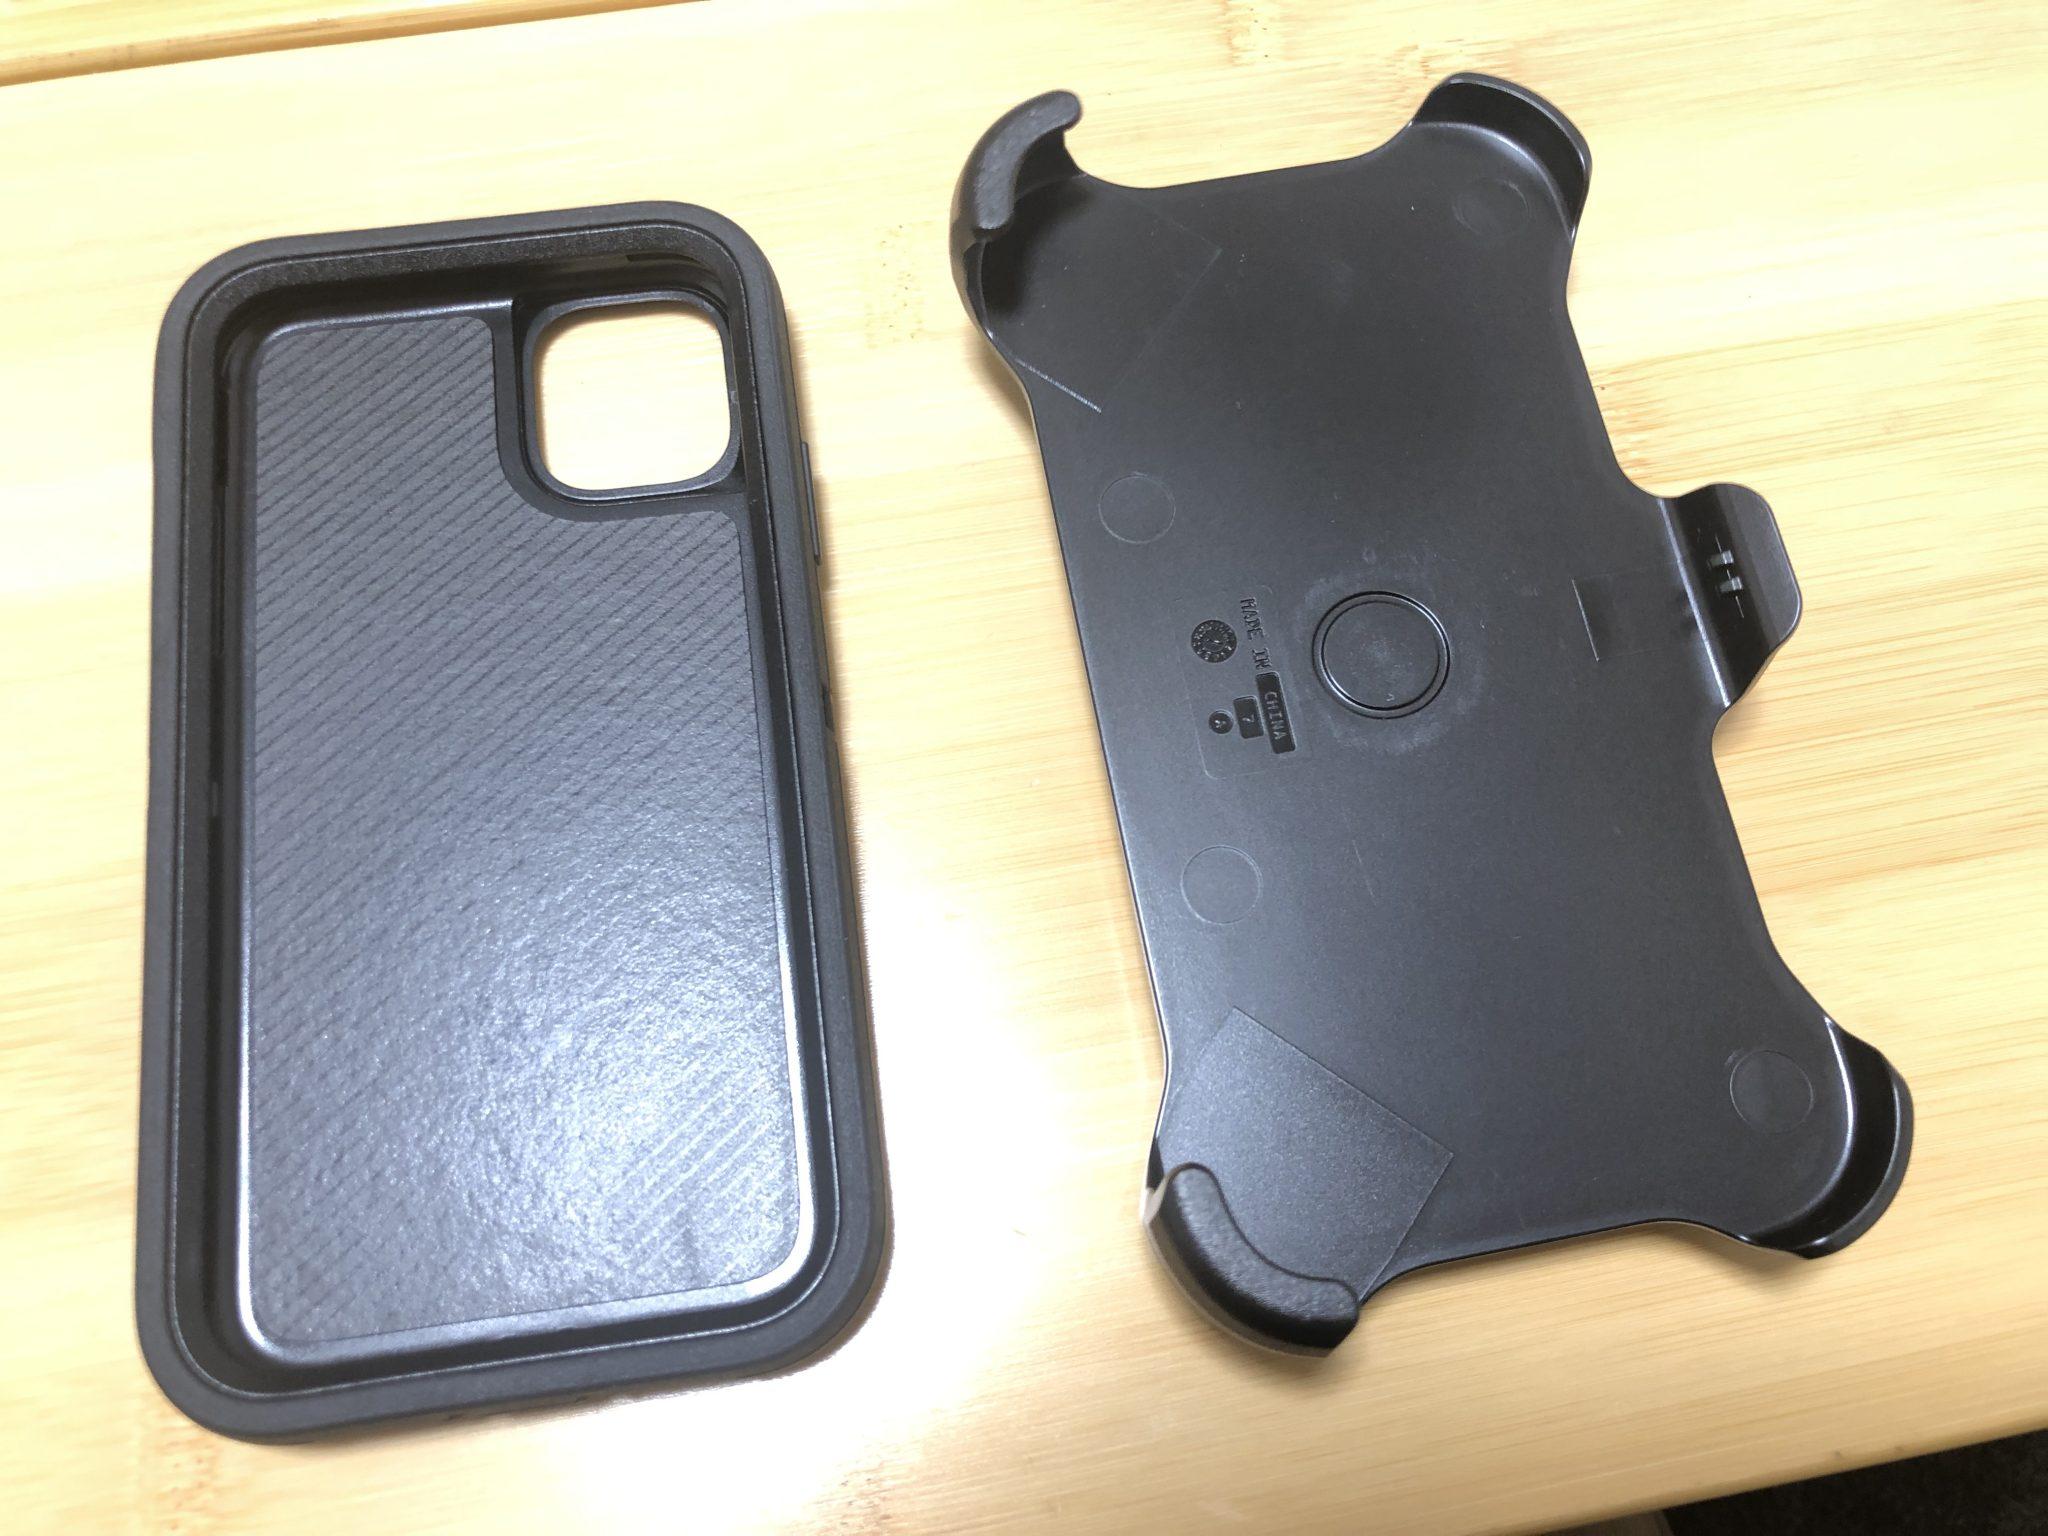 5A68EE9B CB7D 4559 A959 CEFEA0B89AEE - サバゲーマーがオススメするOTTER BOX頑丈なiphone11ケースを買ってみた。